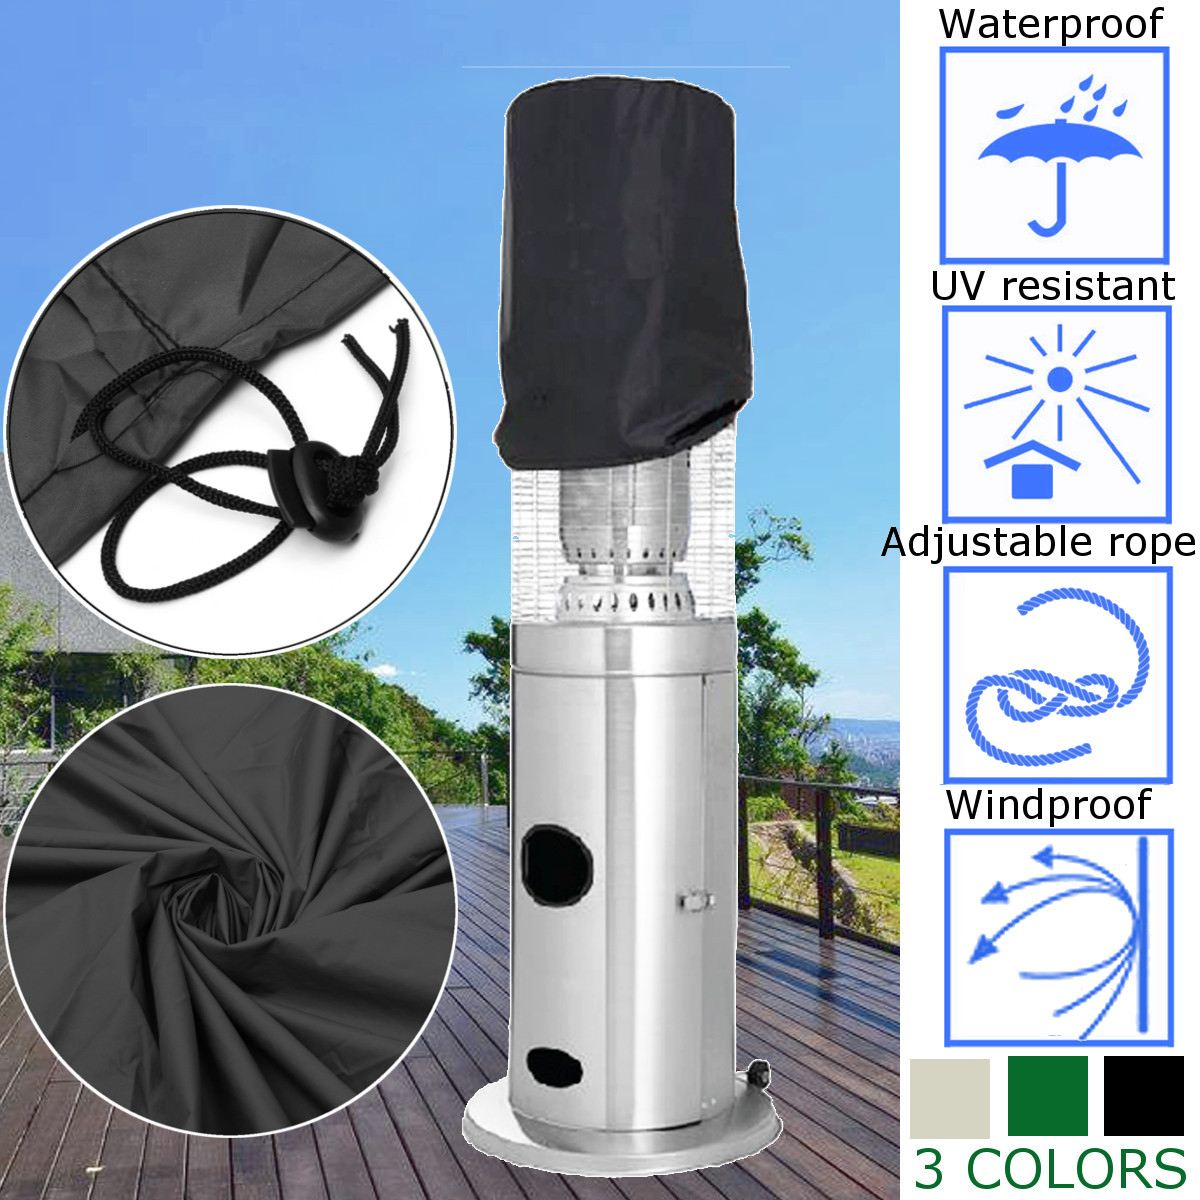 50*45*45cm 3 colores al aire libre lluvia resistente al agua calentador Protector patio trasero calentador de patio de jardín polvo cubierta multiusos